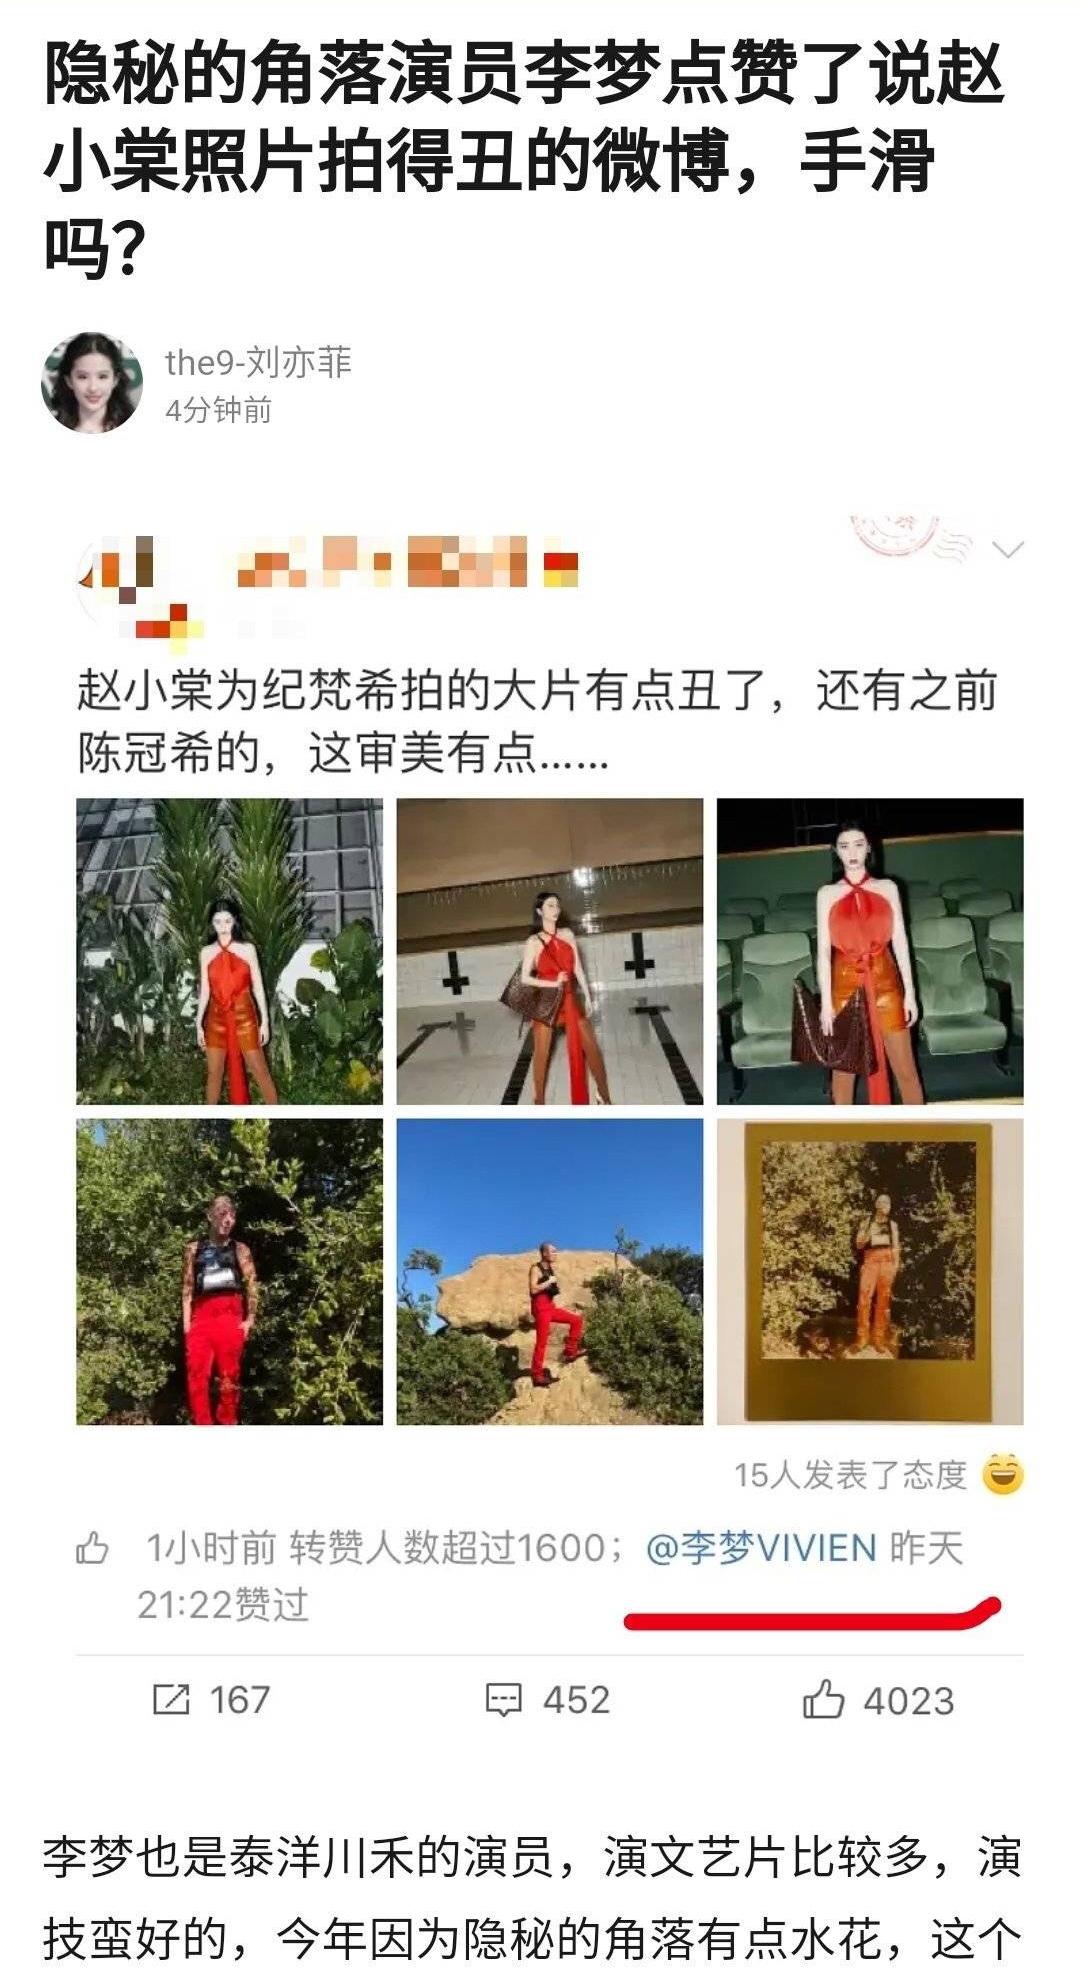 李梦点赞赵小棠、陈冠希拍的纪梵希大片太丑的微博,最近流行手滑